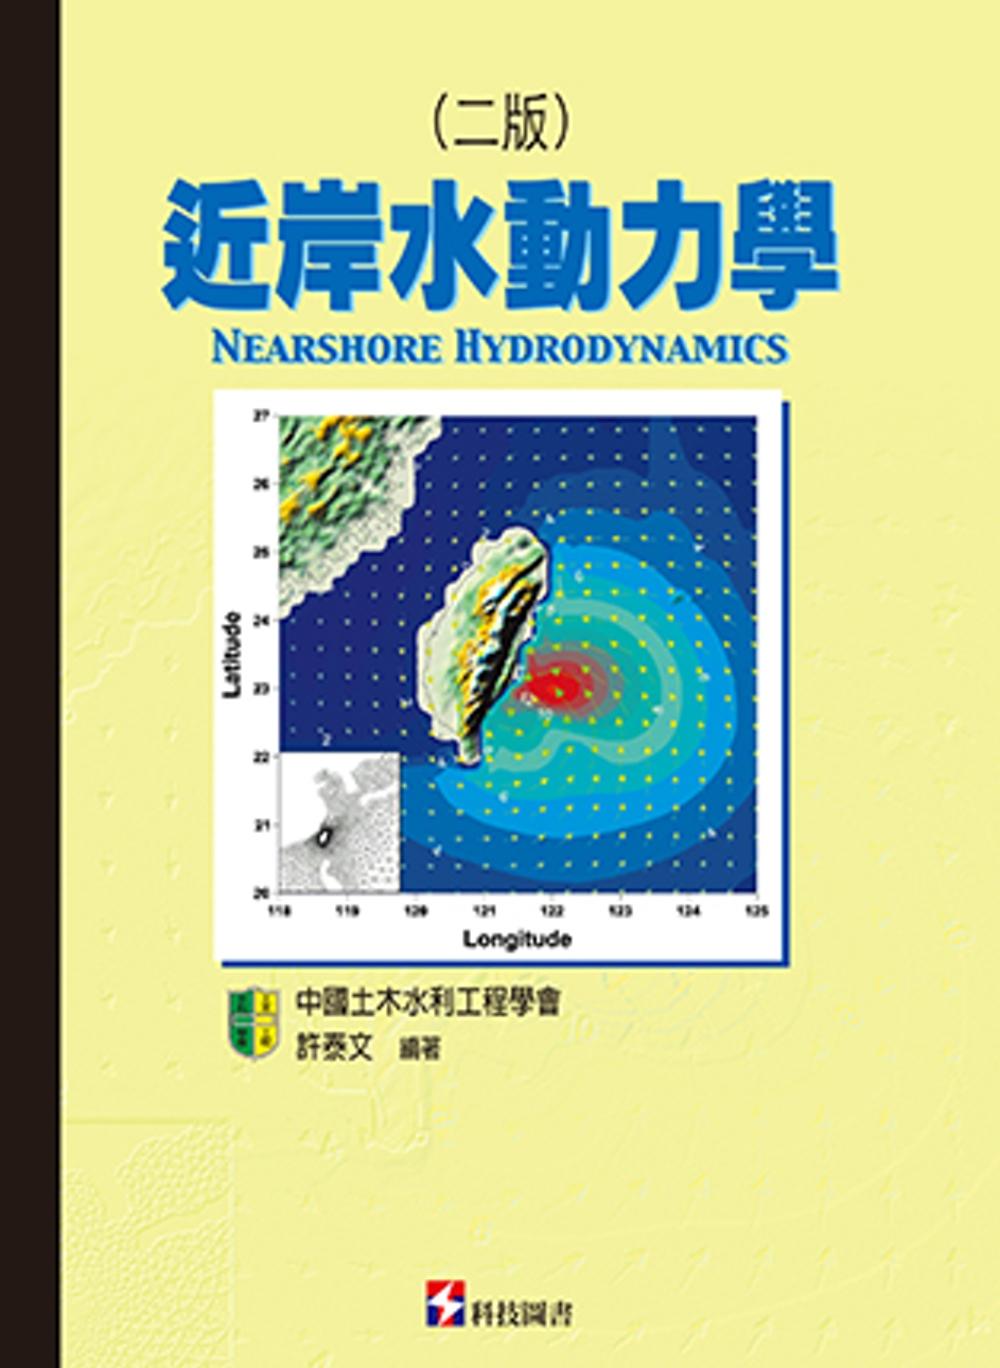 近岸水動力學(二版)